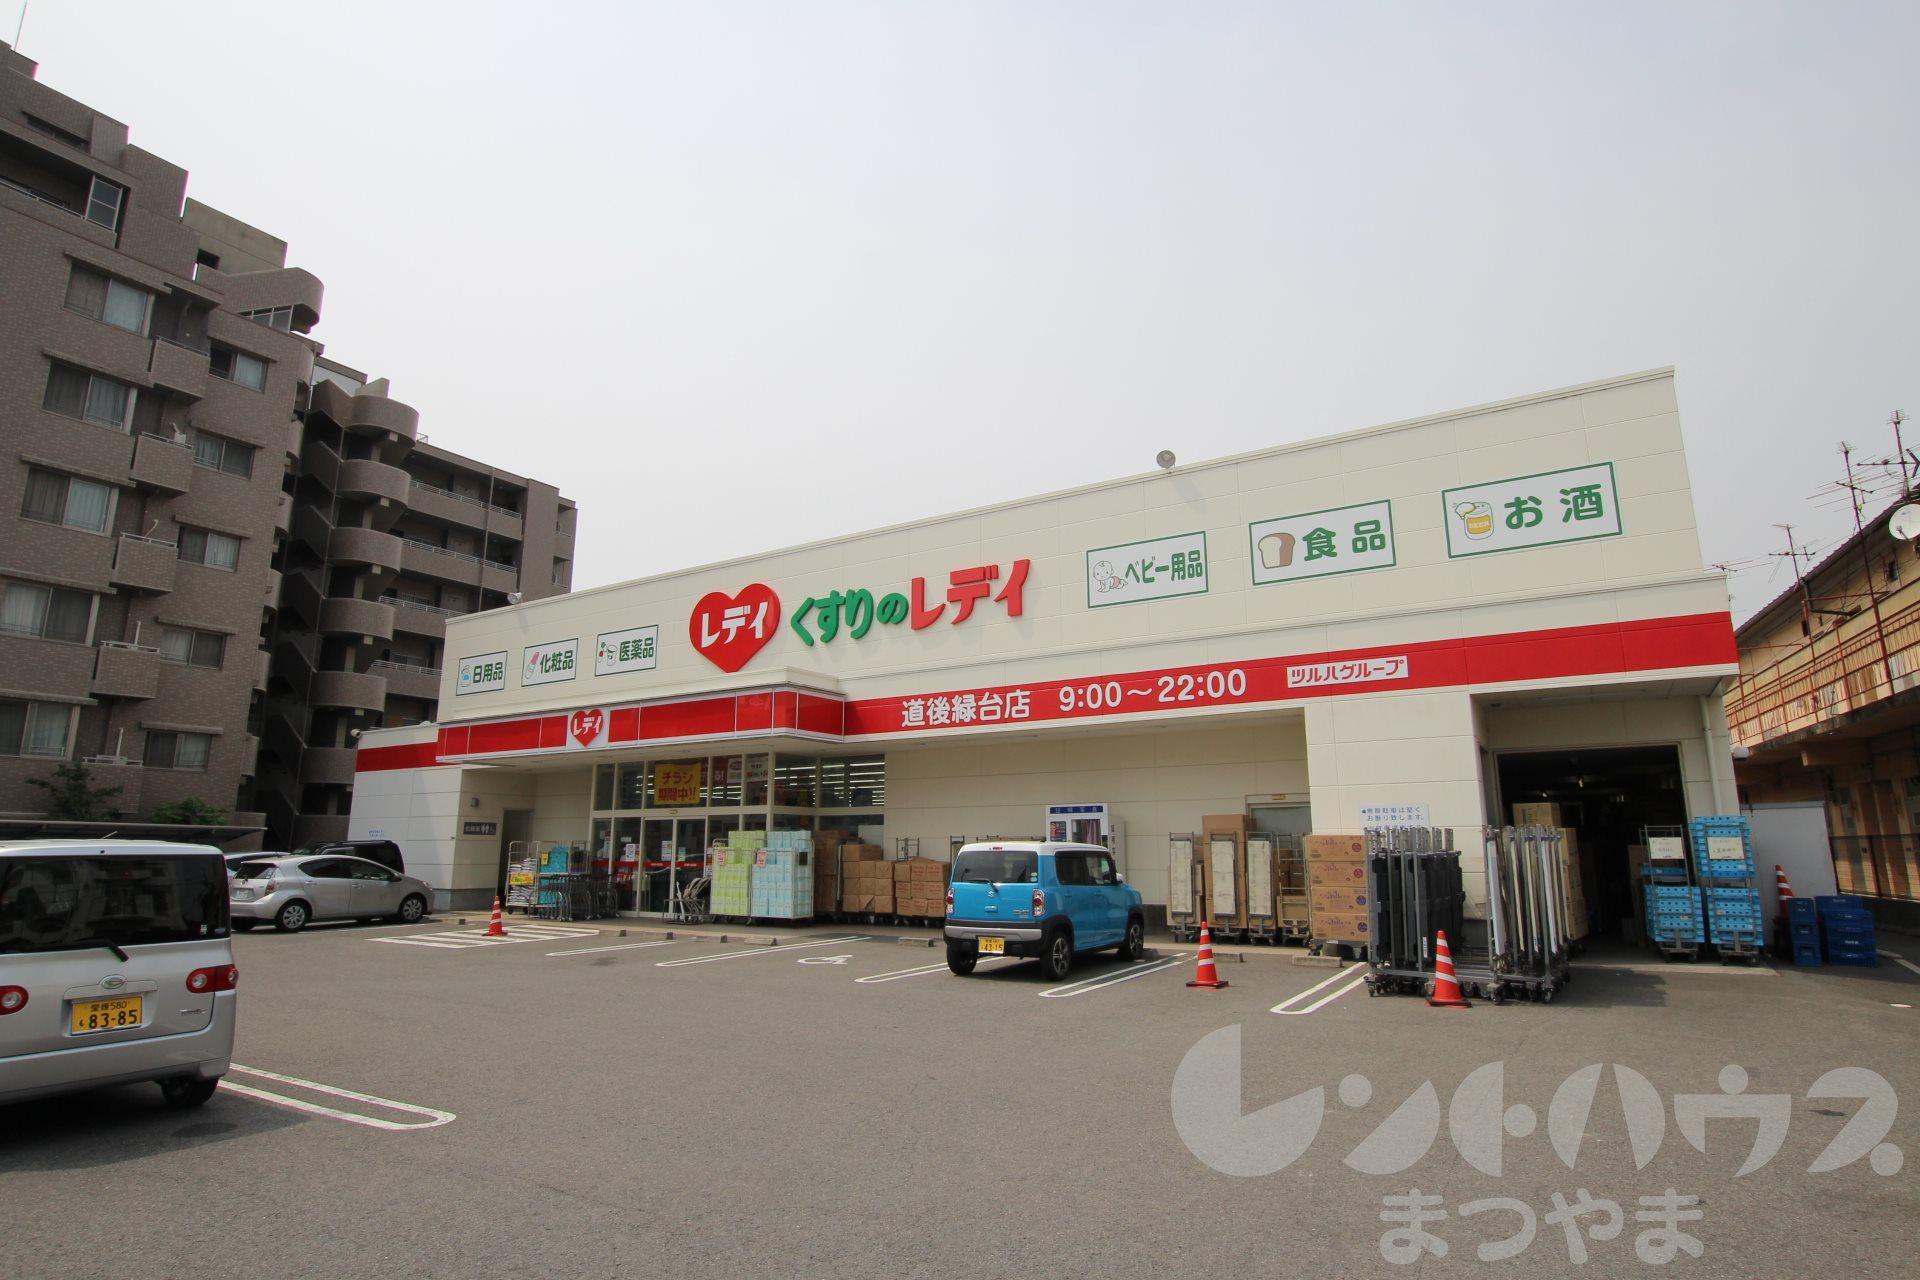 ドラッグストア:レデイ薬局 道後店 374m